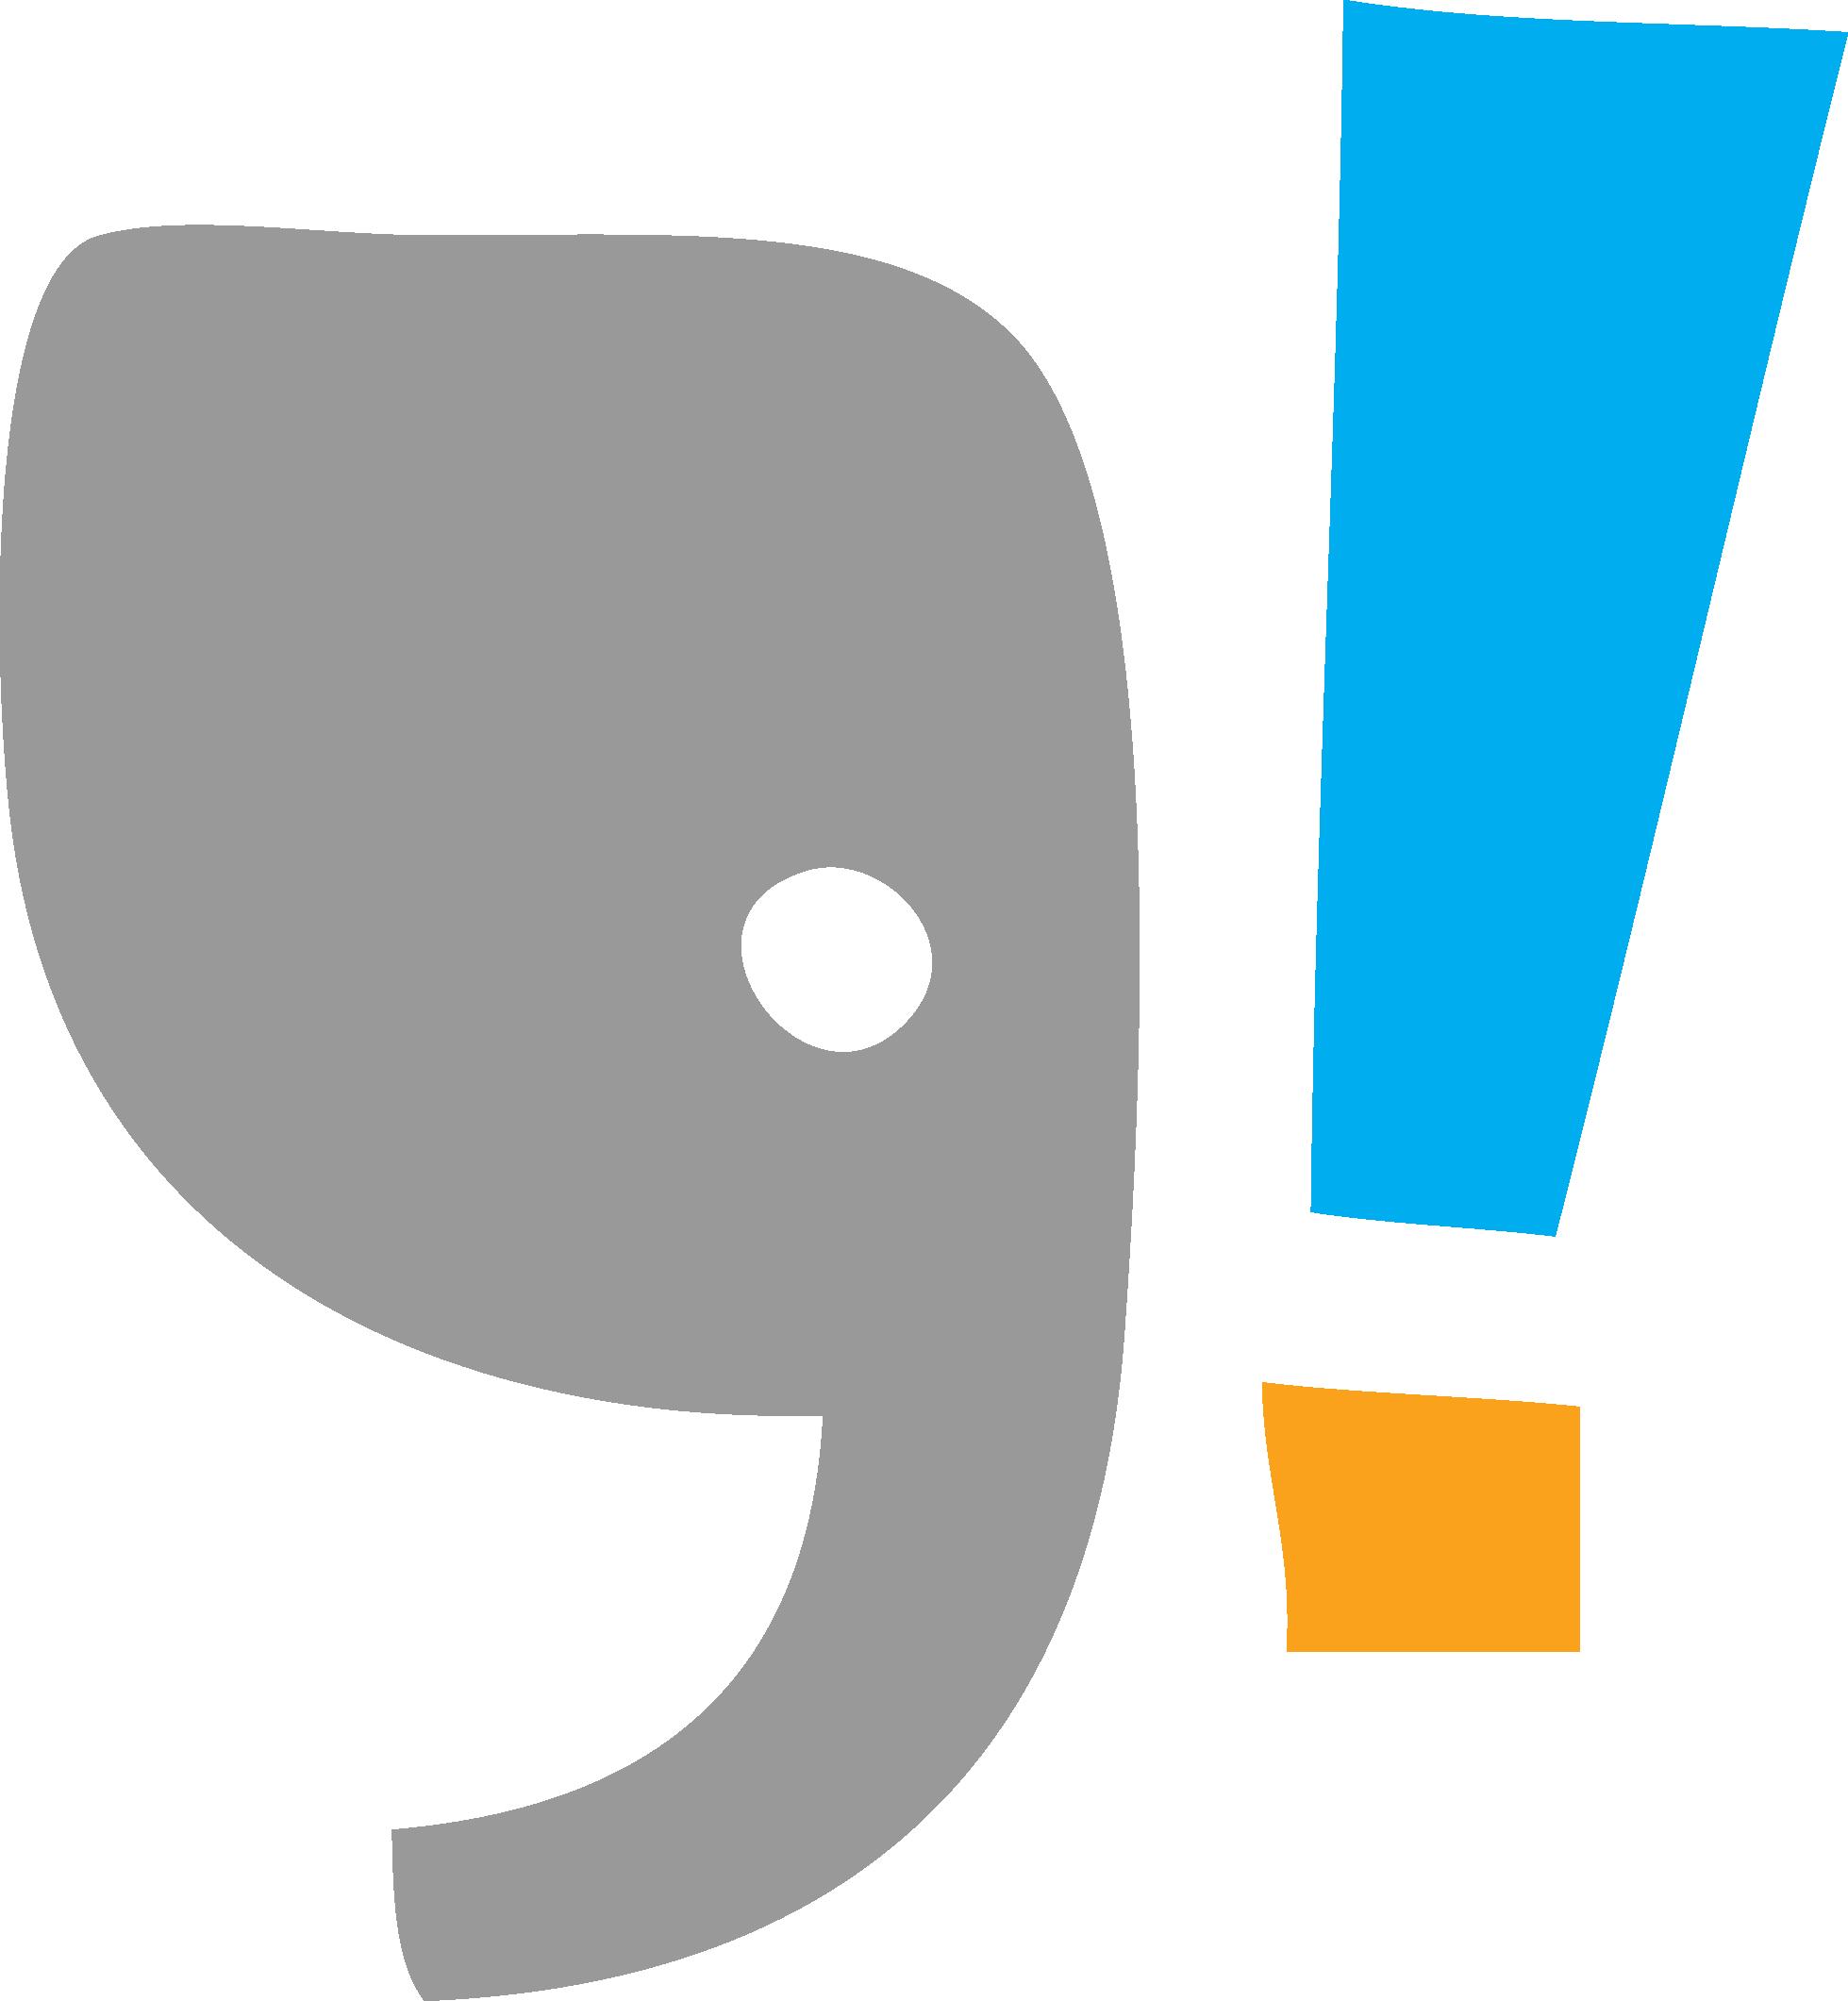 GITS Class #15: Lara-vue (Laravel + Vue.js)